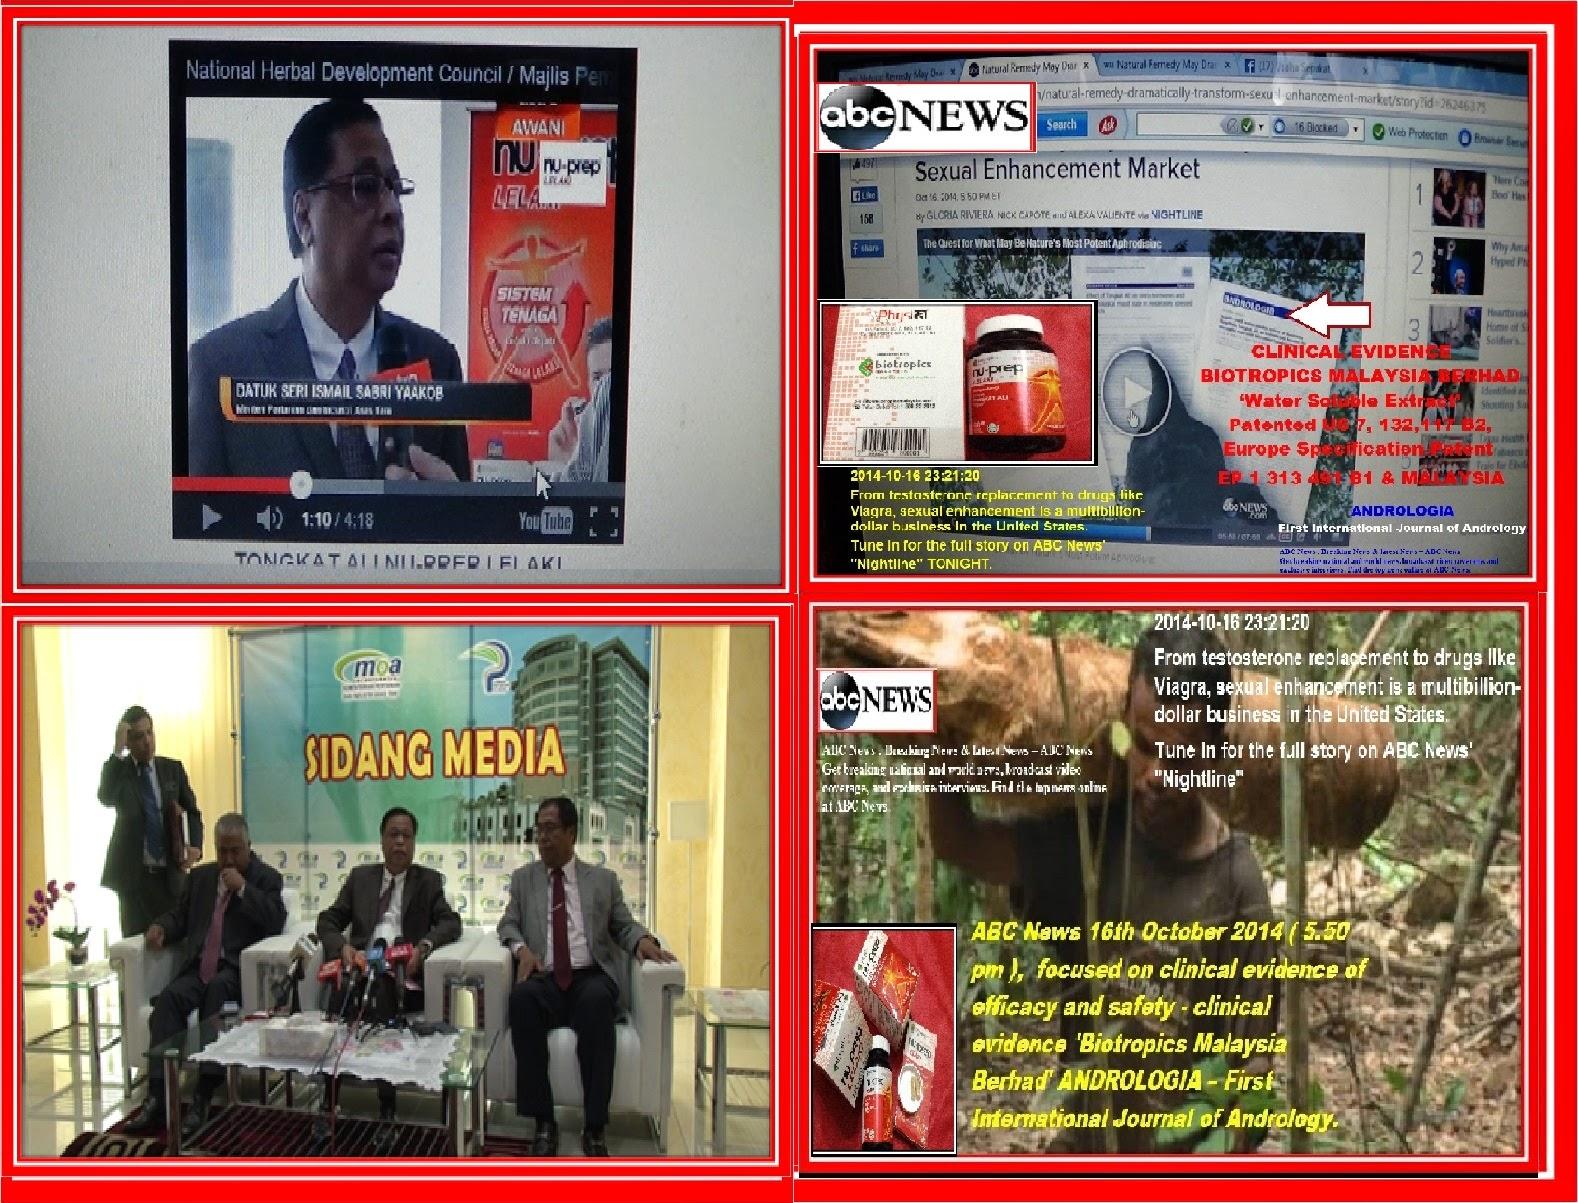 Kesilapan berita ABC News - fakta kajian klinikal oleh pihak lain dan produk dari pihak lain.